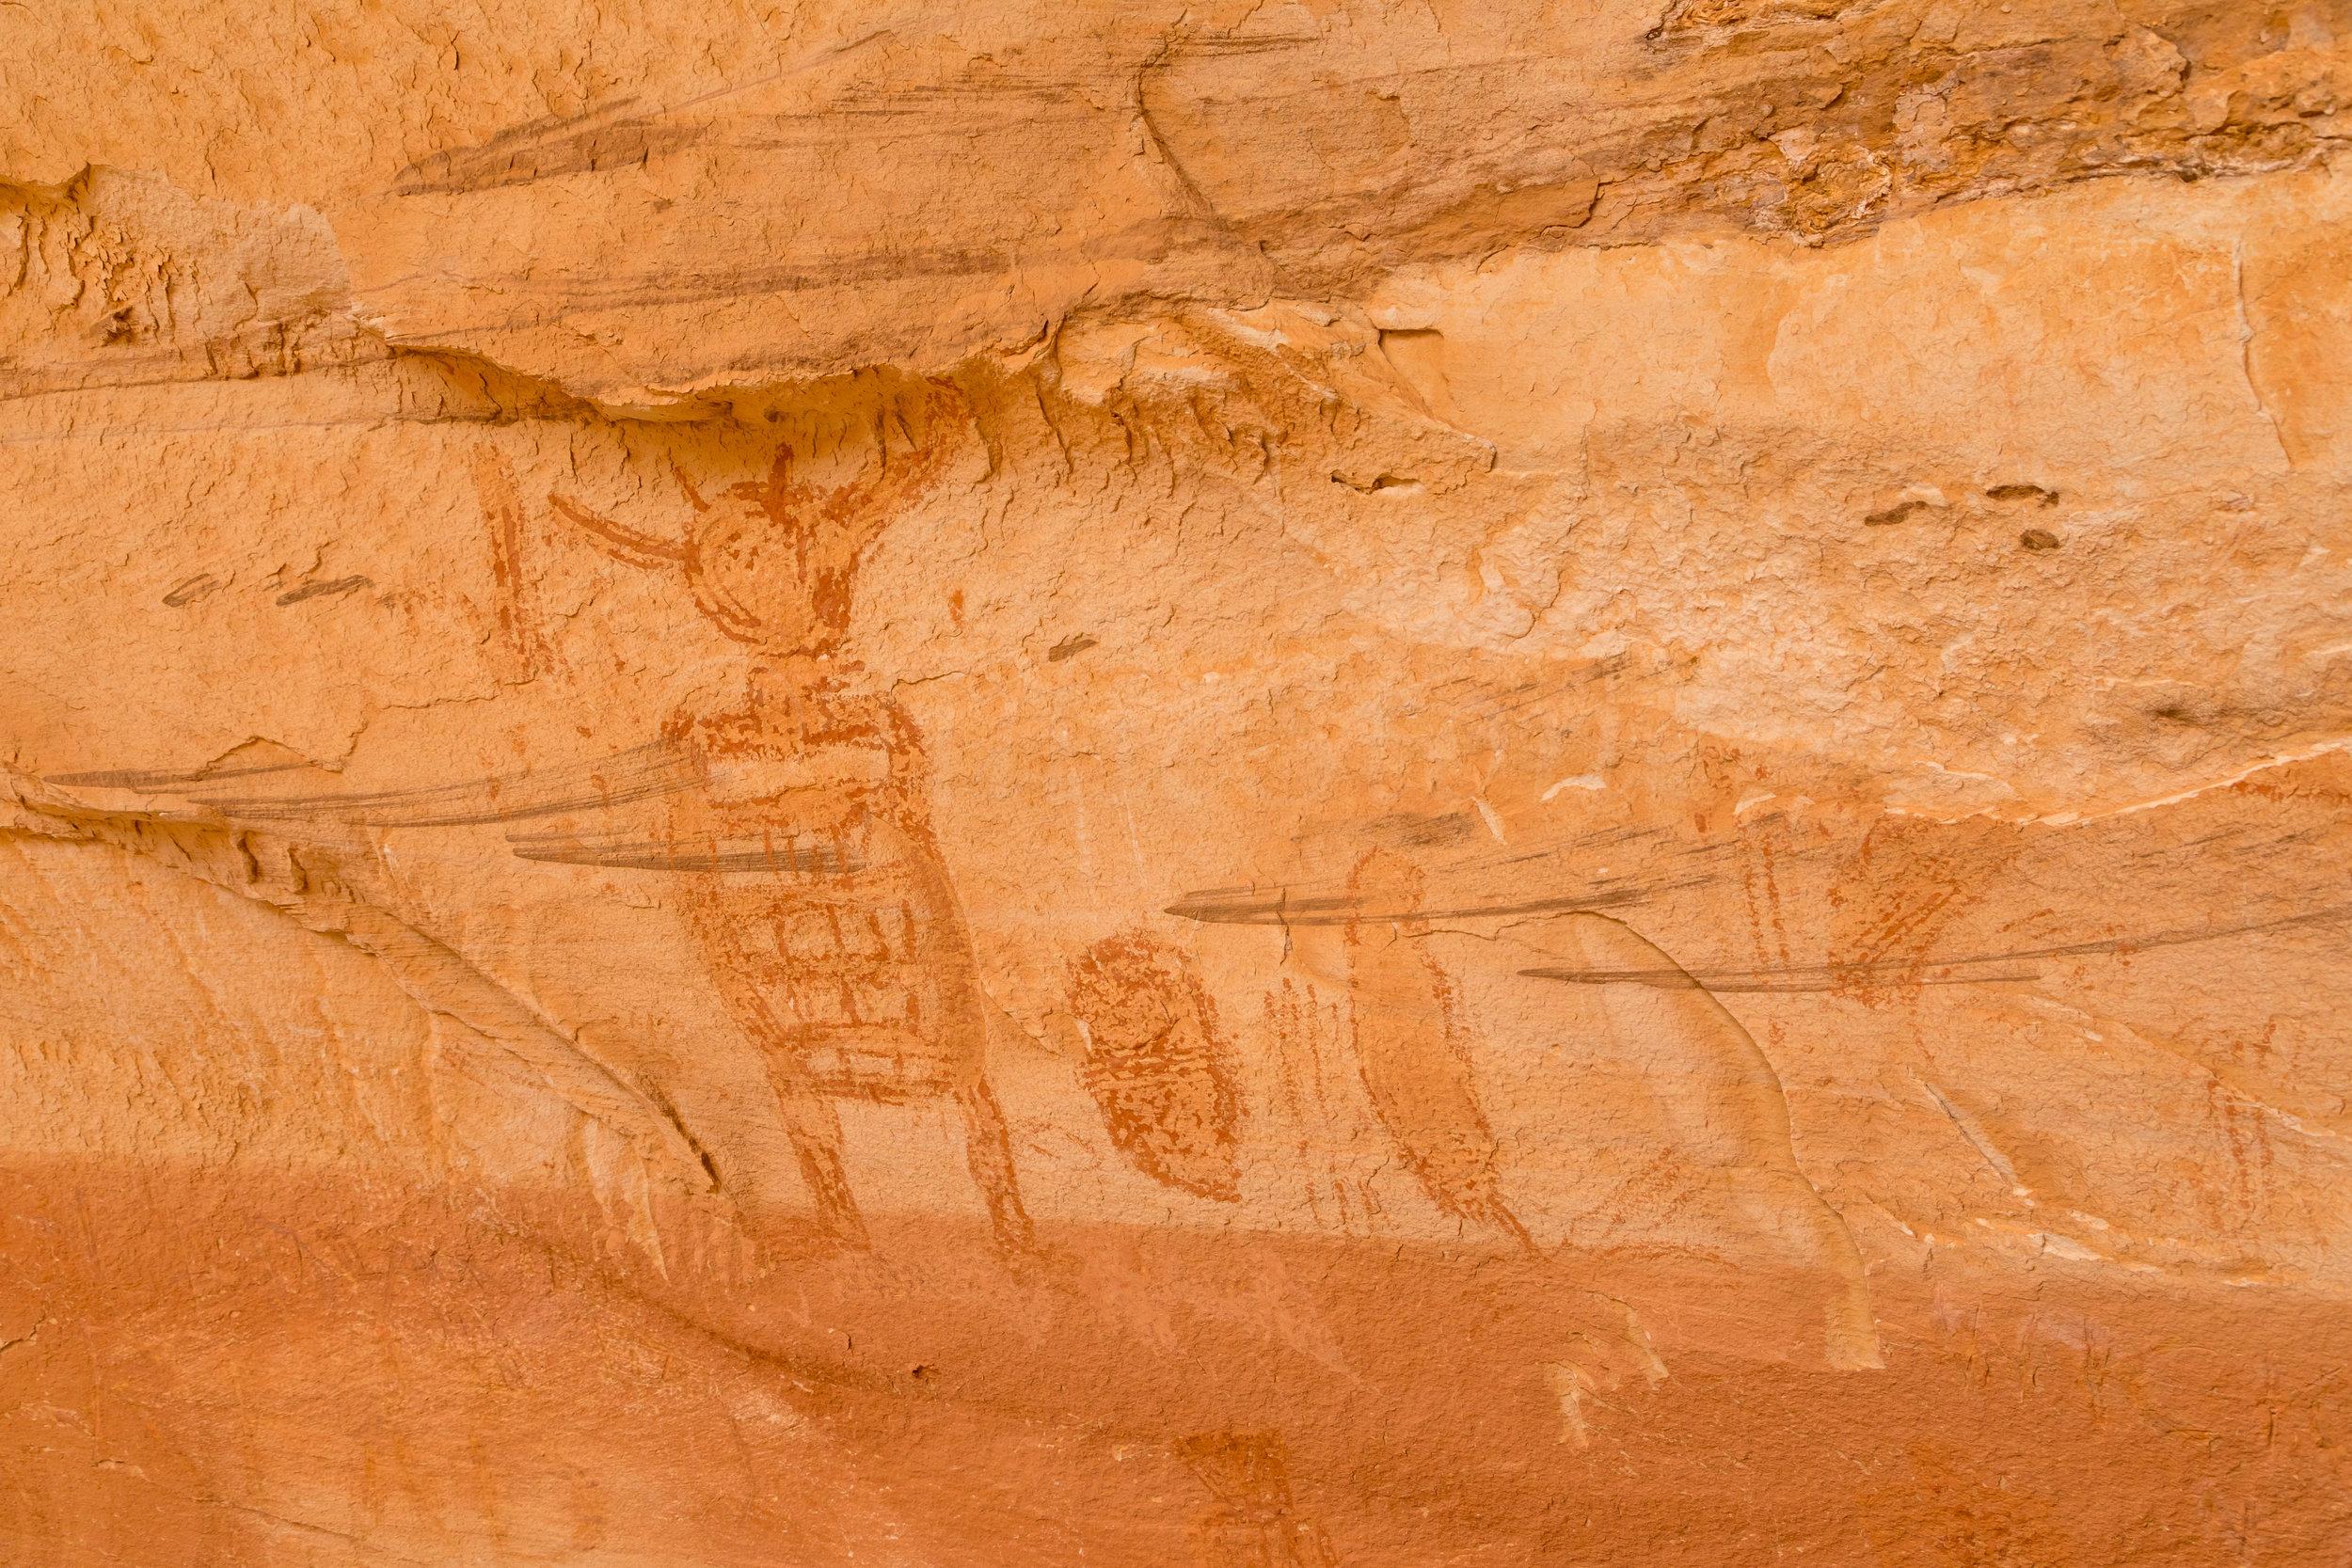 Horseshoe Canyon, Image # 8888